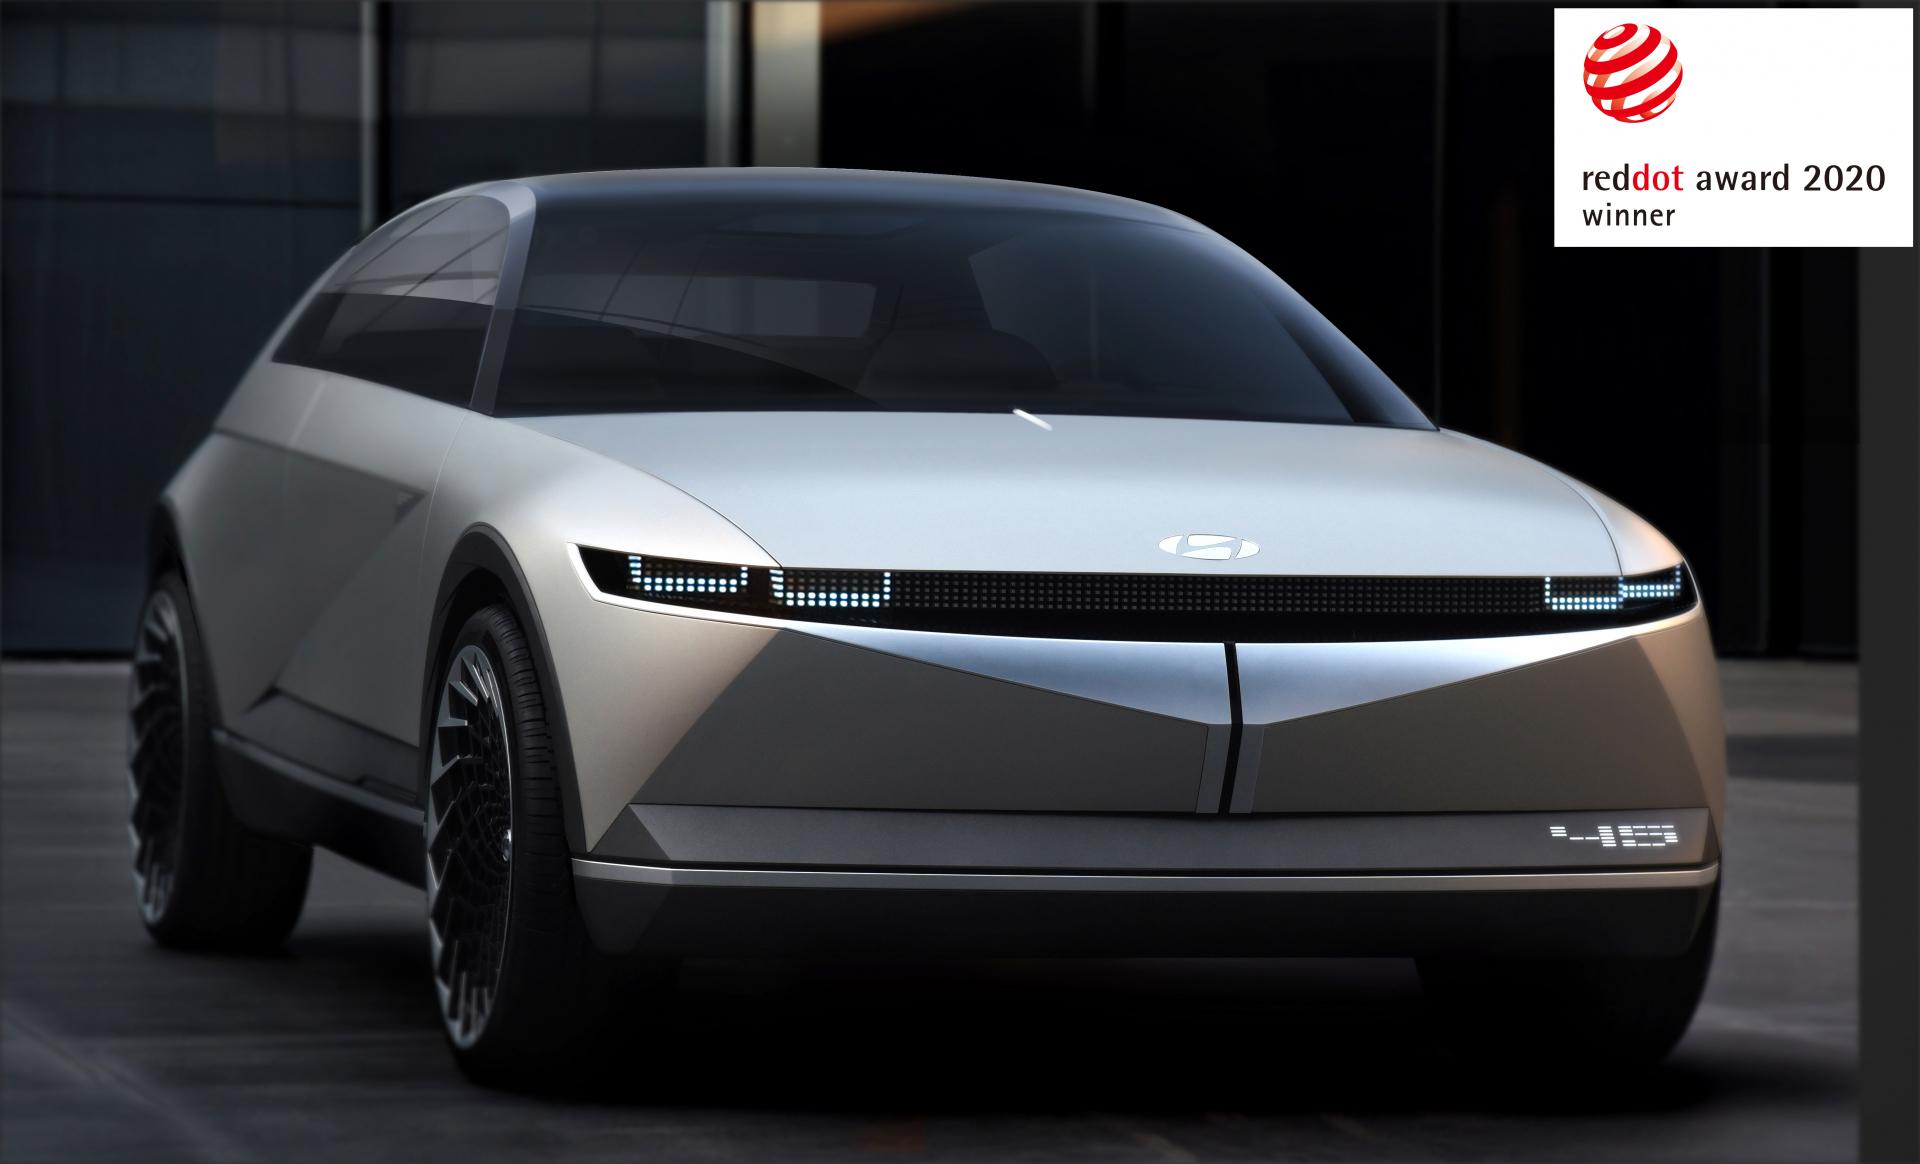 Компанія Hyundai Motor отримала три нагороди Red Dot Award 2020 за концептуальний дизайн | Івано-Франківськ - фото 9